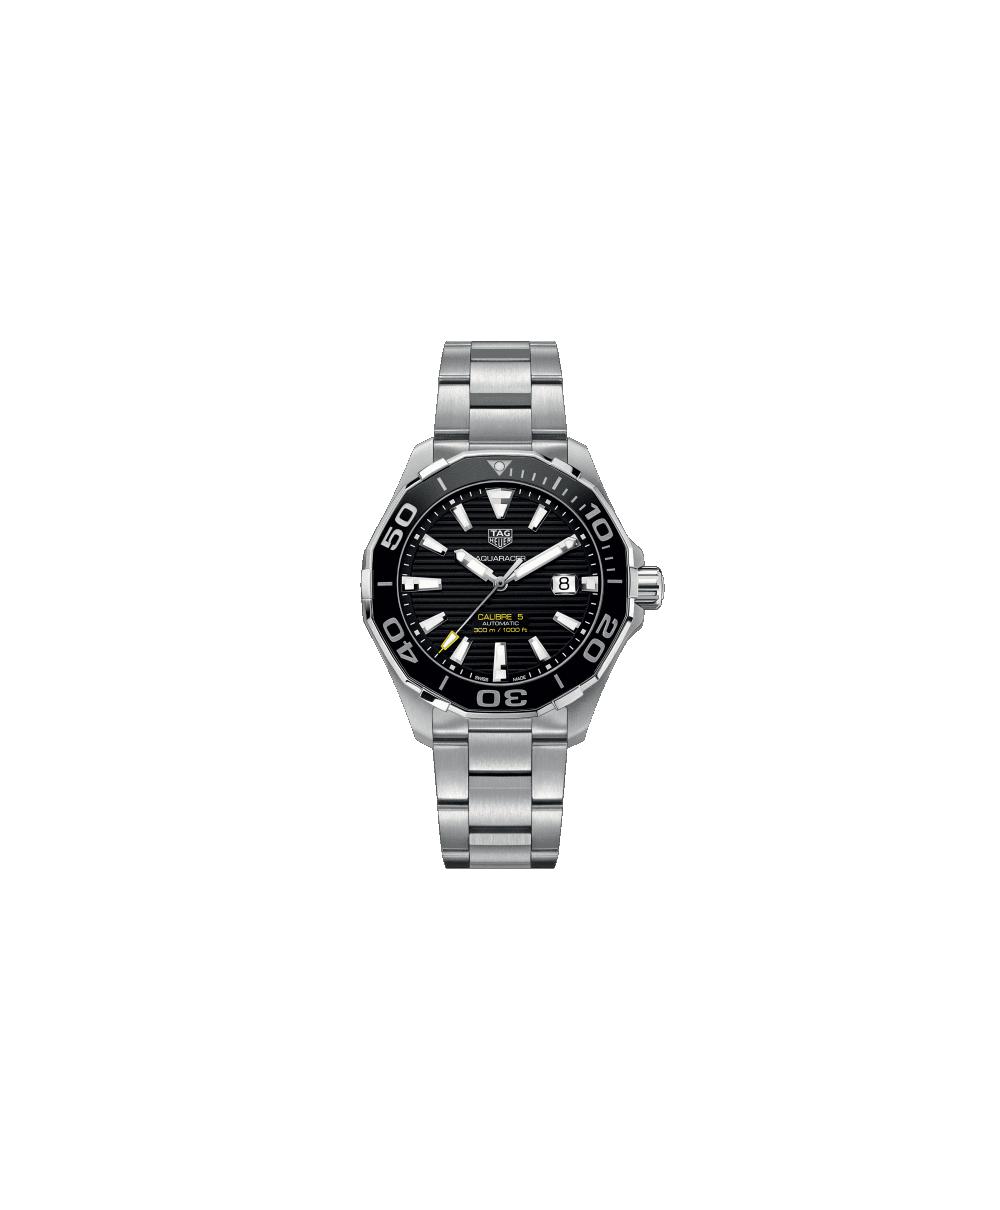 Reloj Tag Heuer Aquaracer Calibre 5 Cerámica